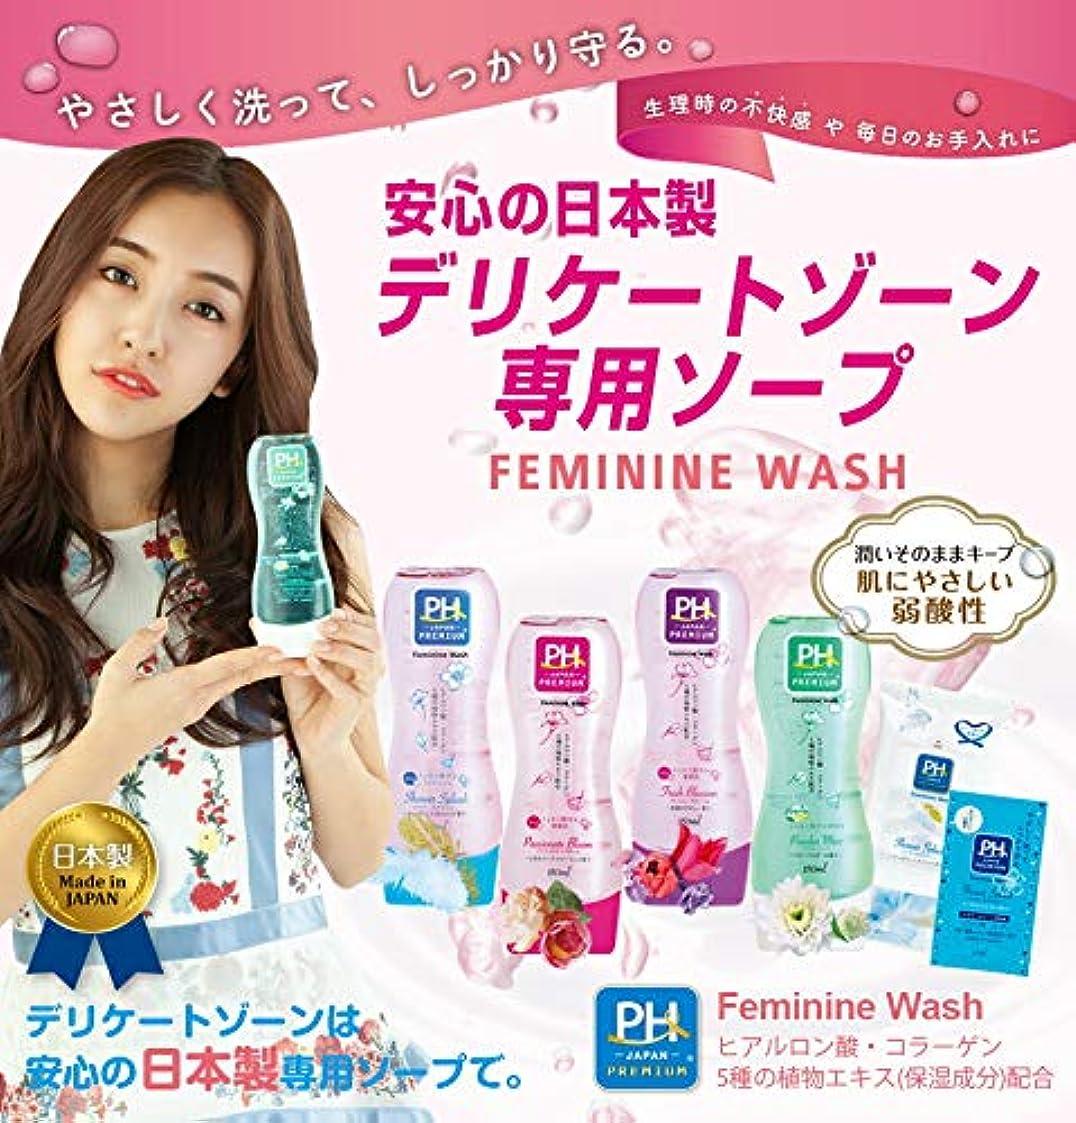 データベースカエル暴行PH JAPAN プレミアム フェミニンウォッシュ パッショネイトブルーム150ml上品なローズフローラルの香り 3本セット